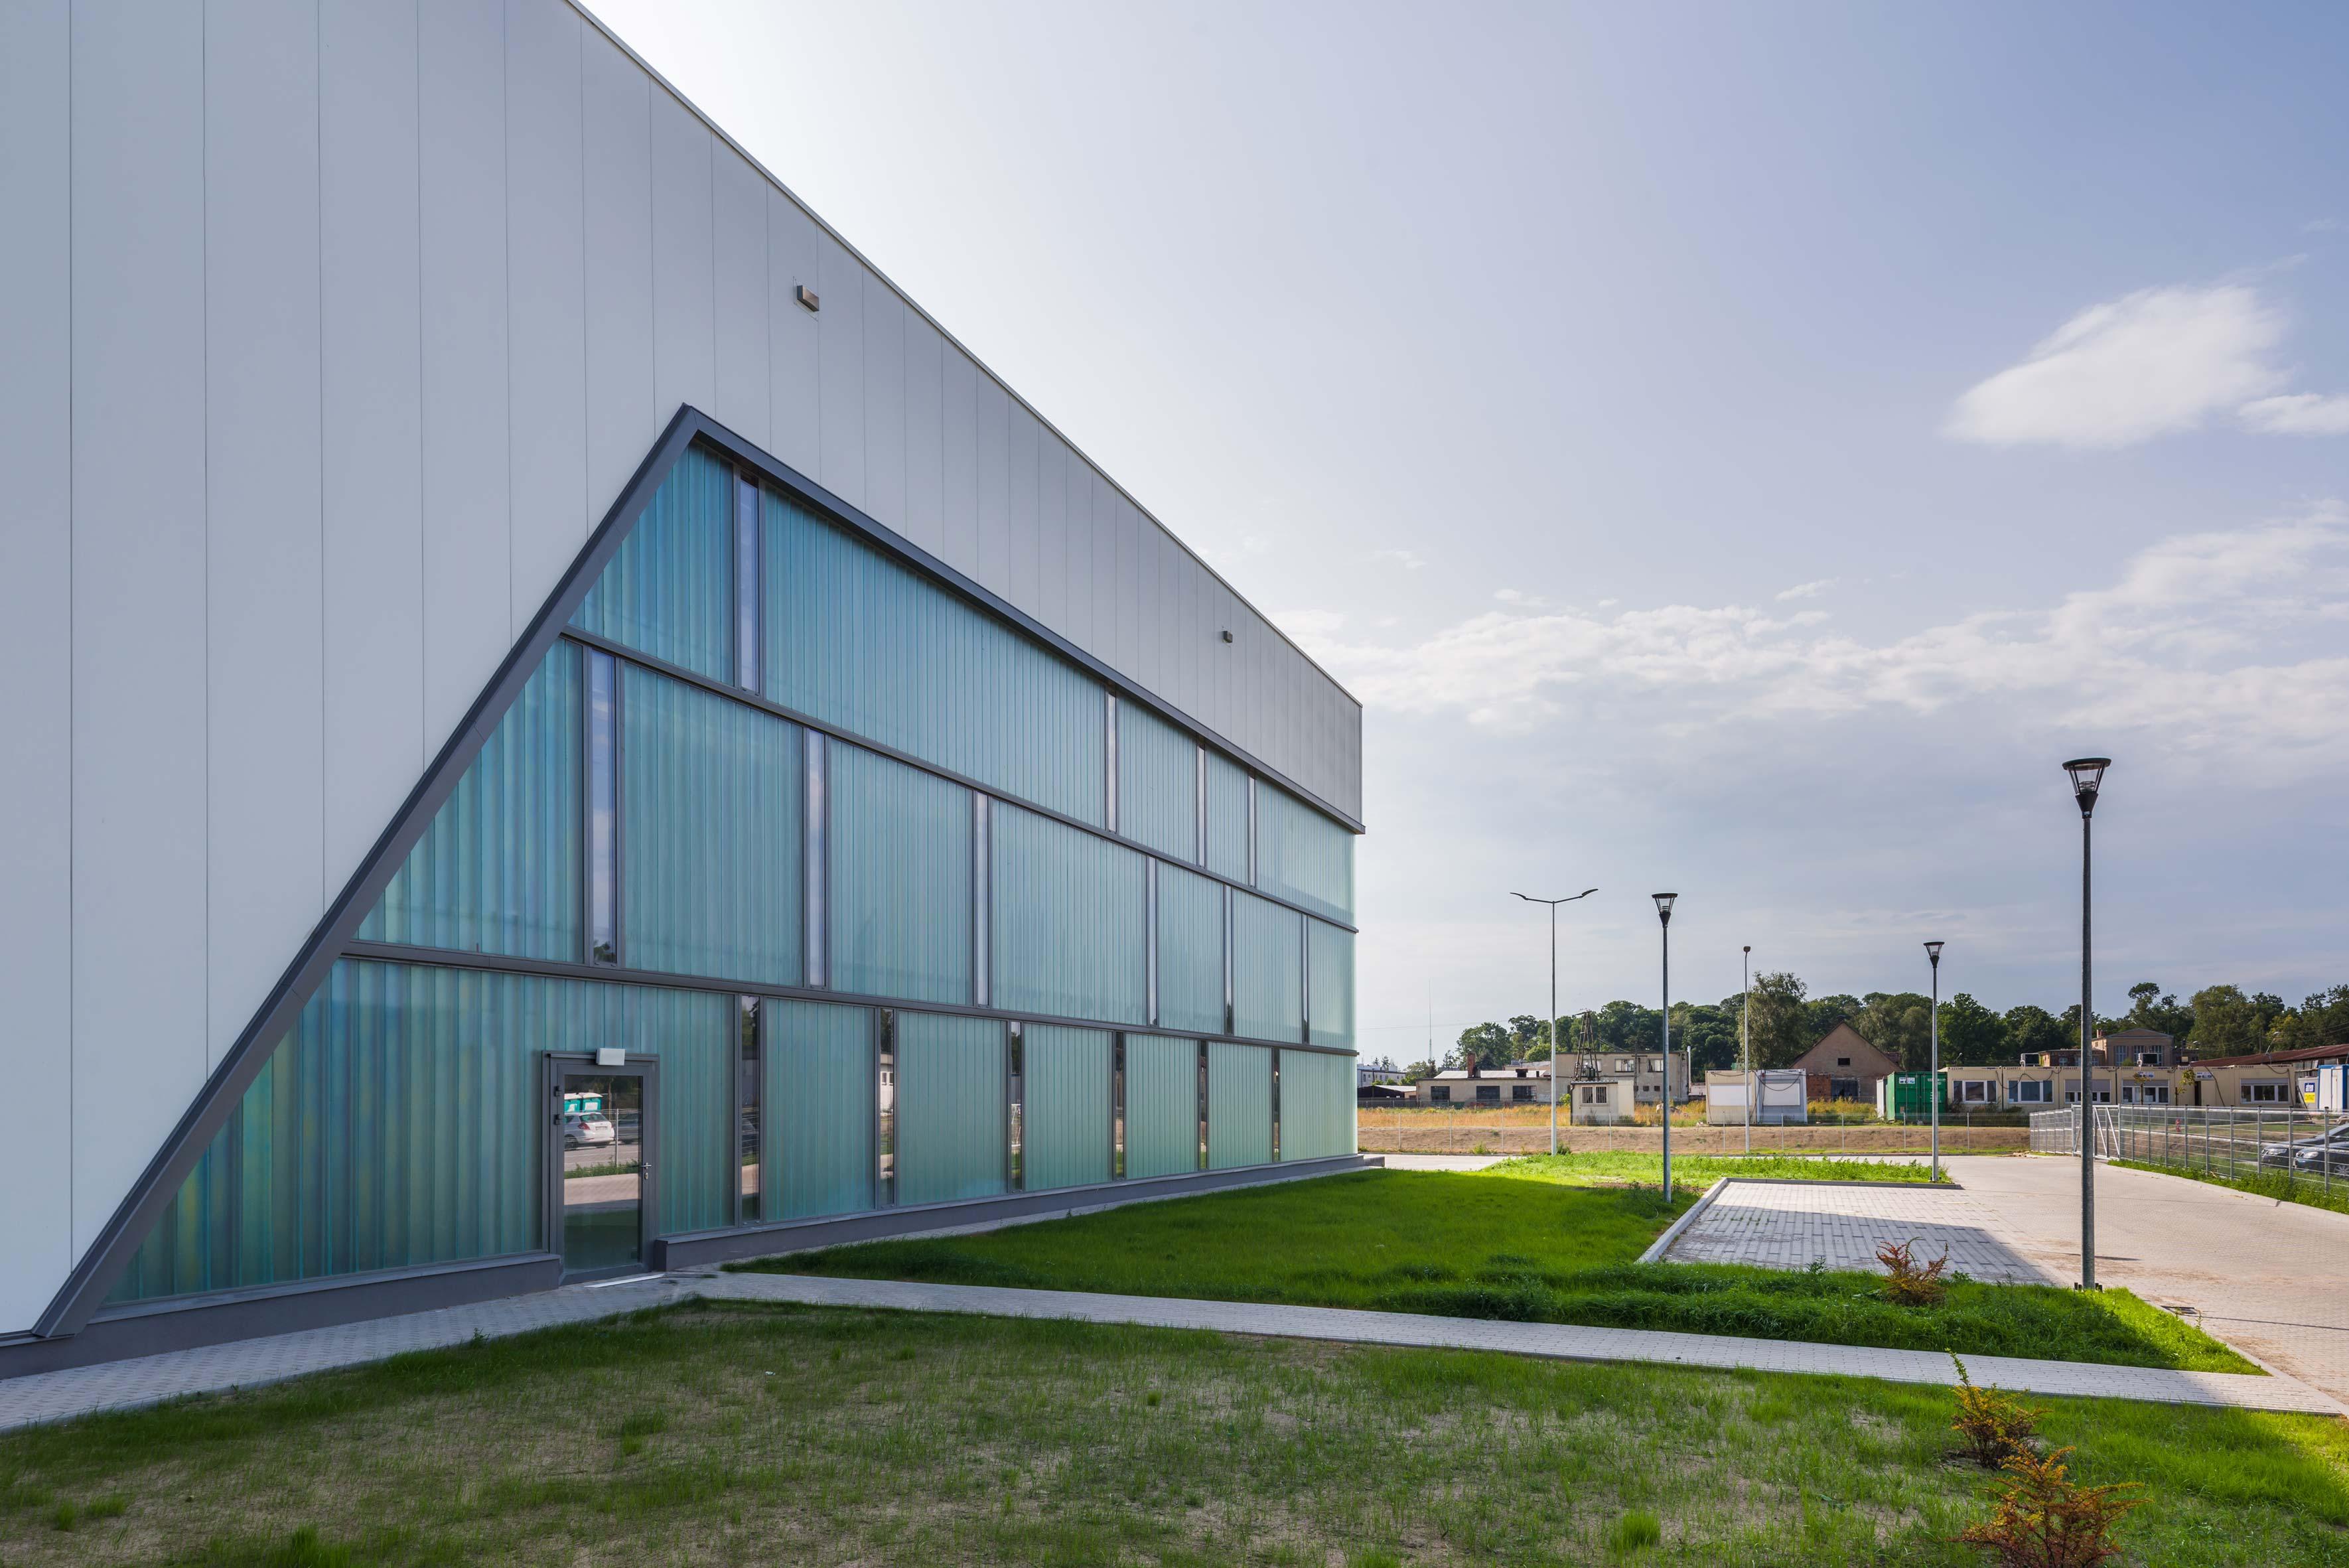 Budynek produkcyjny dań gotowych wraz z częścią magazynową oraz administracyjną Mróz Borek Wielkopolski